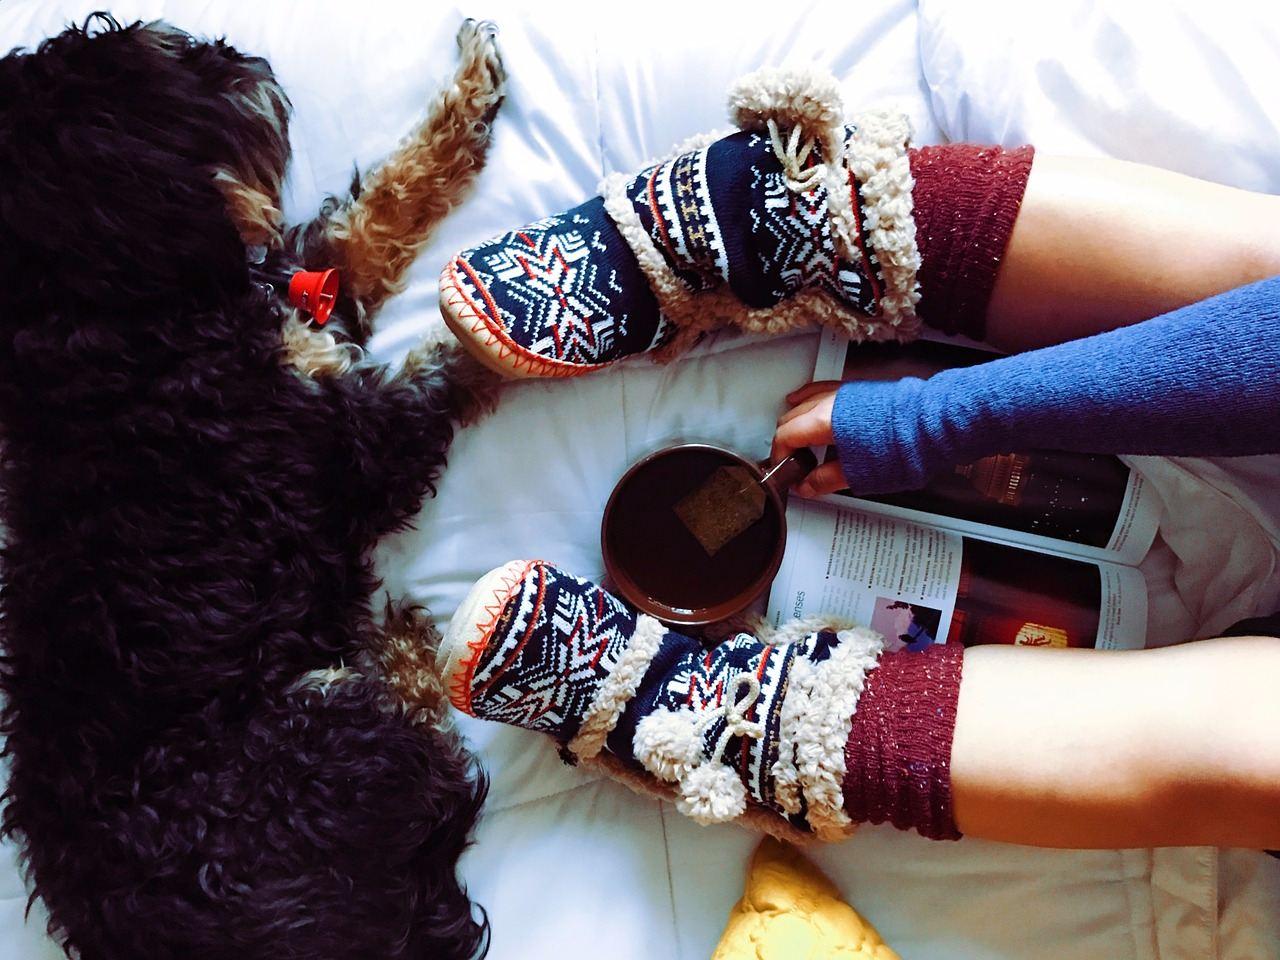 天氣越來越冷,再冷一點就要拿雪靴來穿了